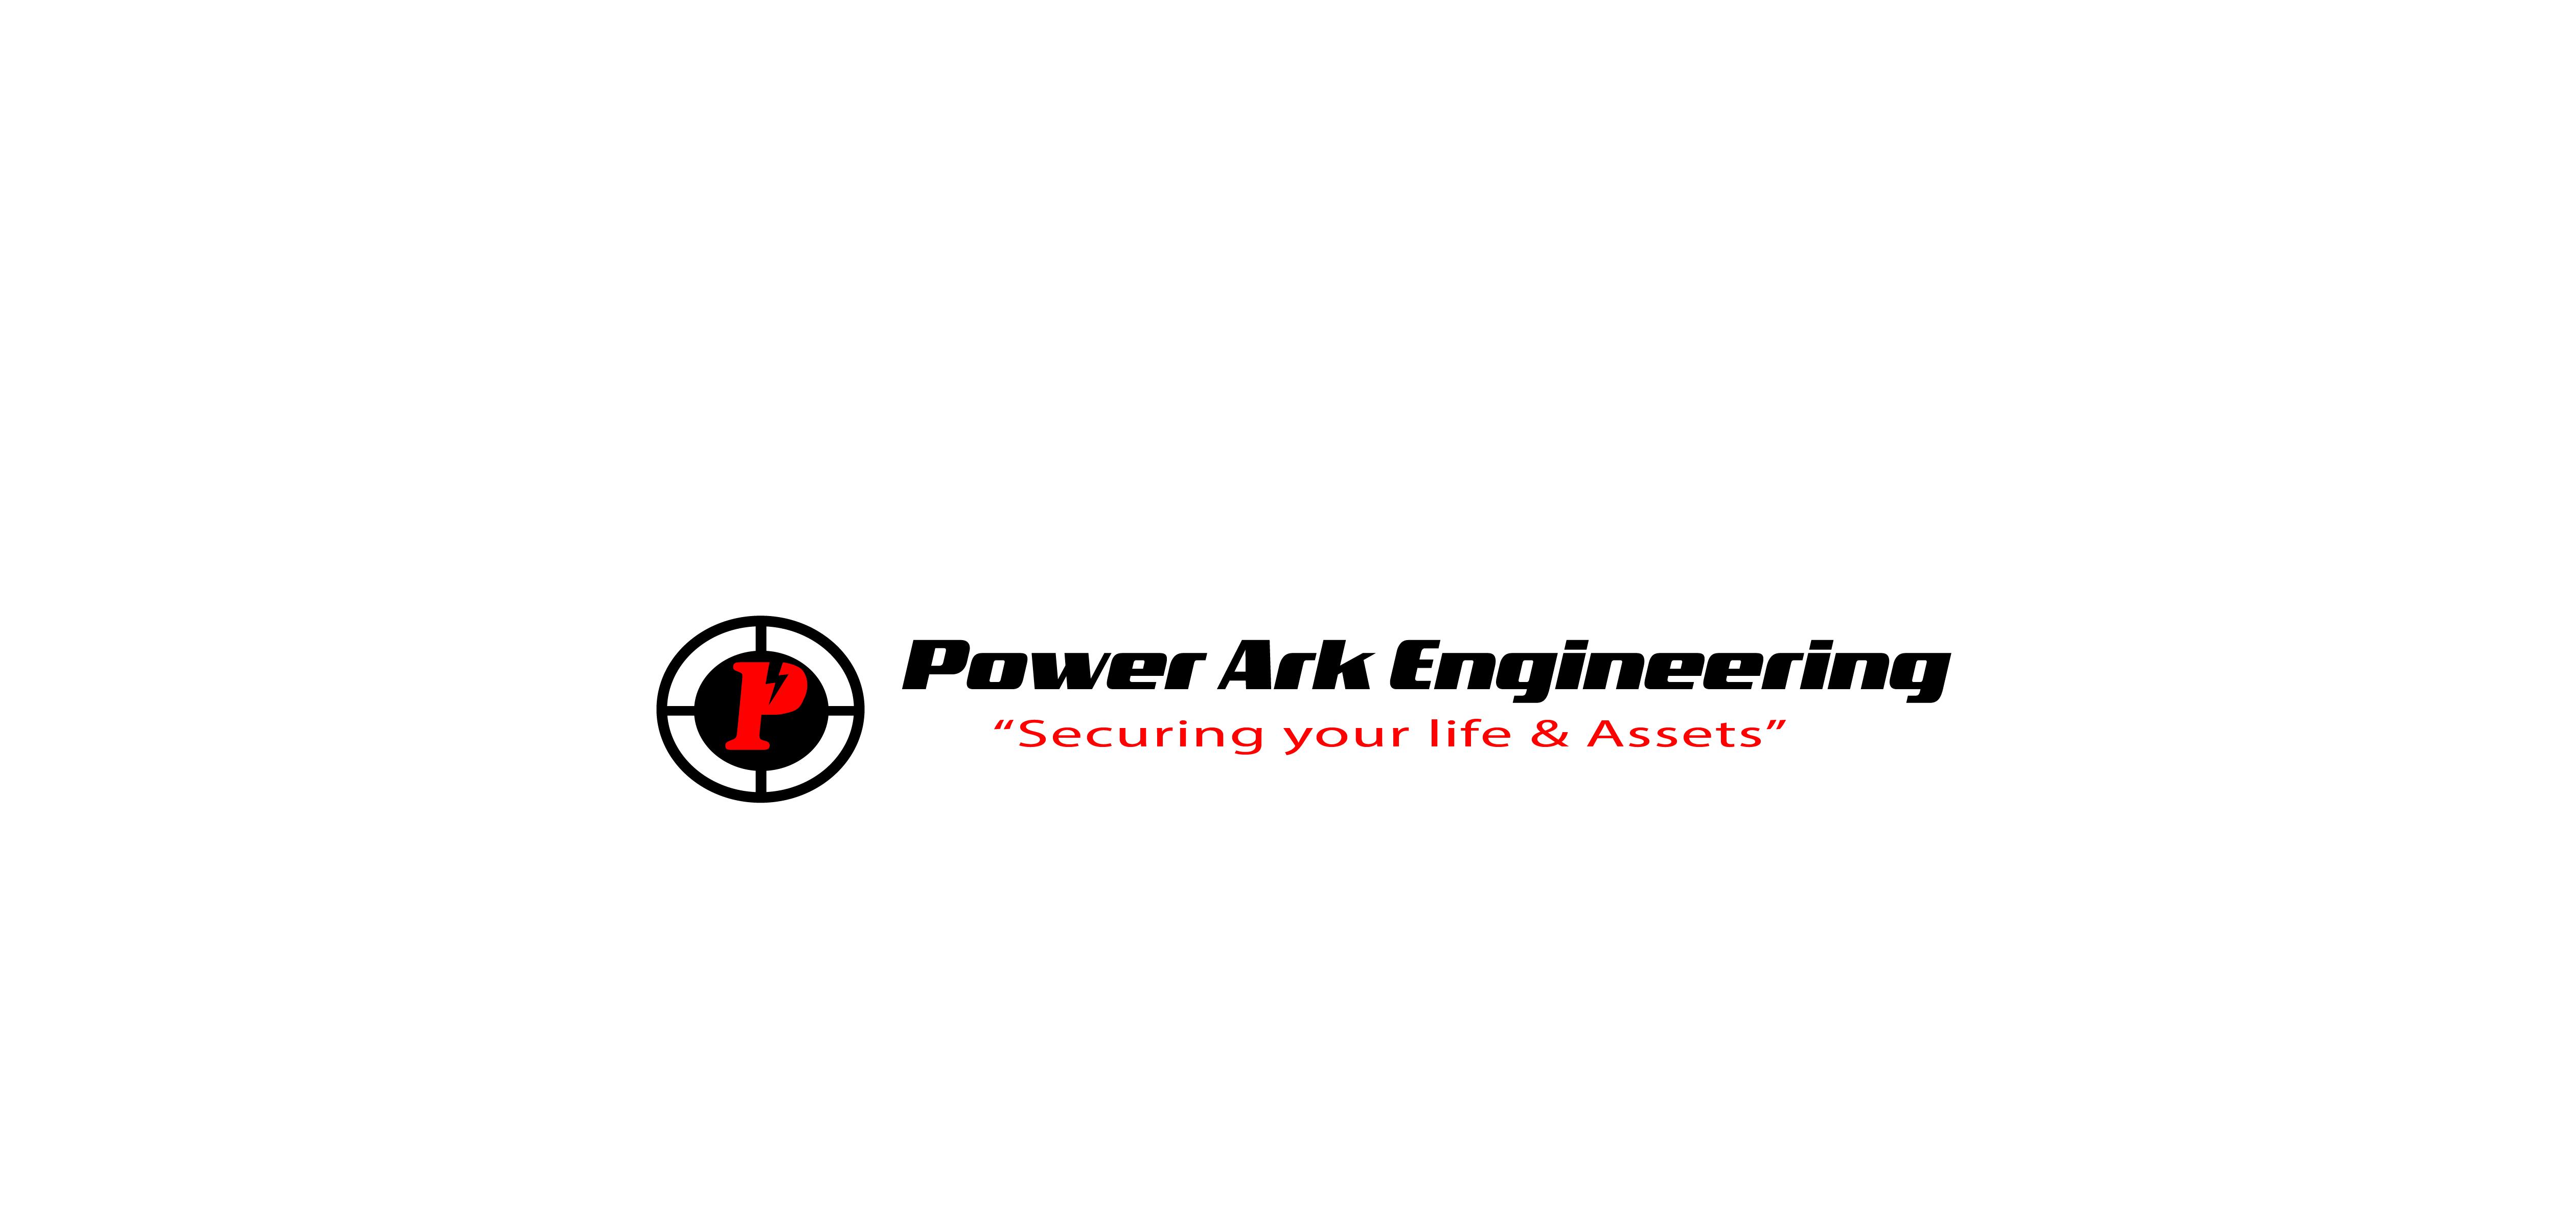 Power Ark Engineering